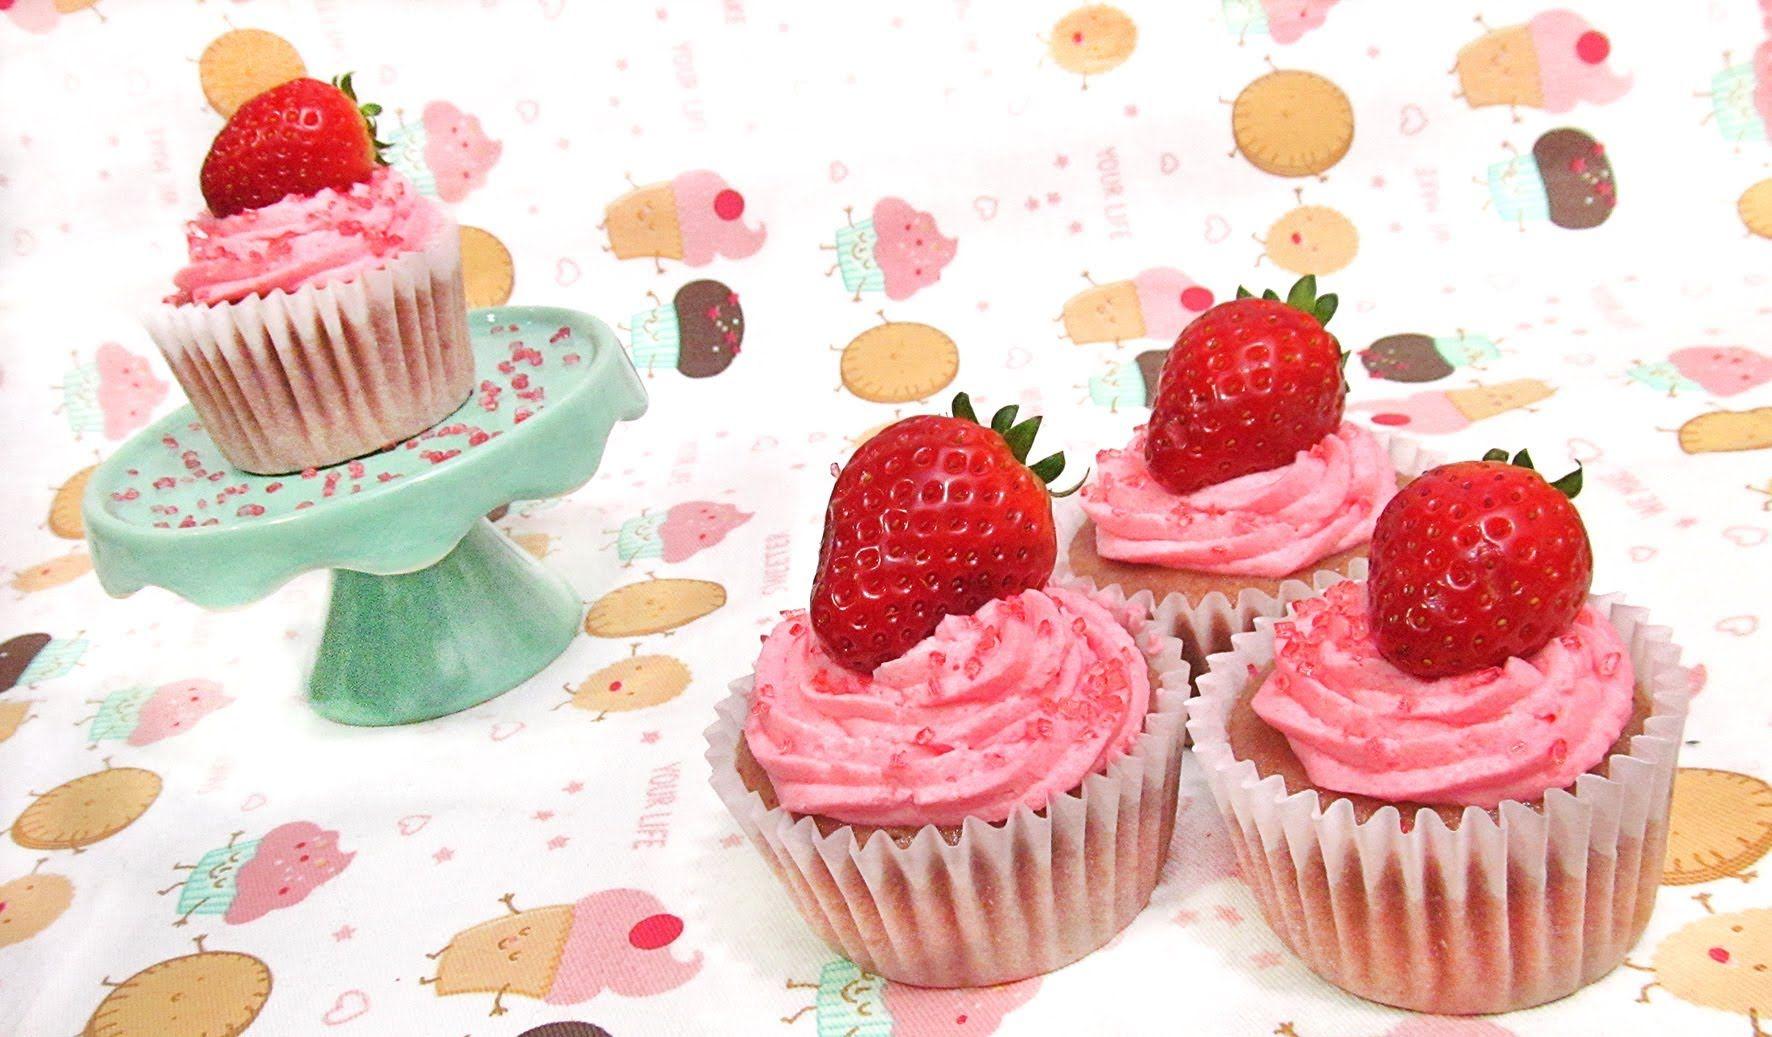 Cupcakes de Fresa | repostería | Pinterest | Cupcakes de fresa ...